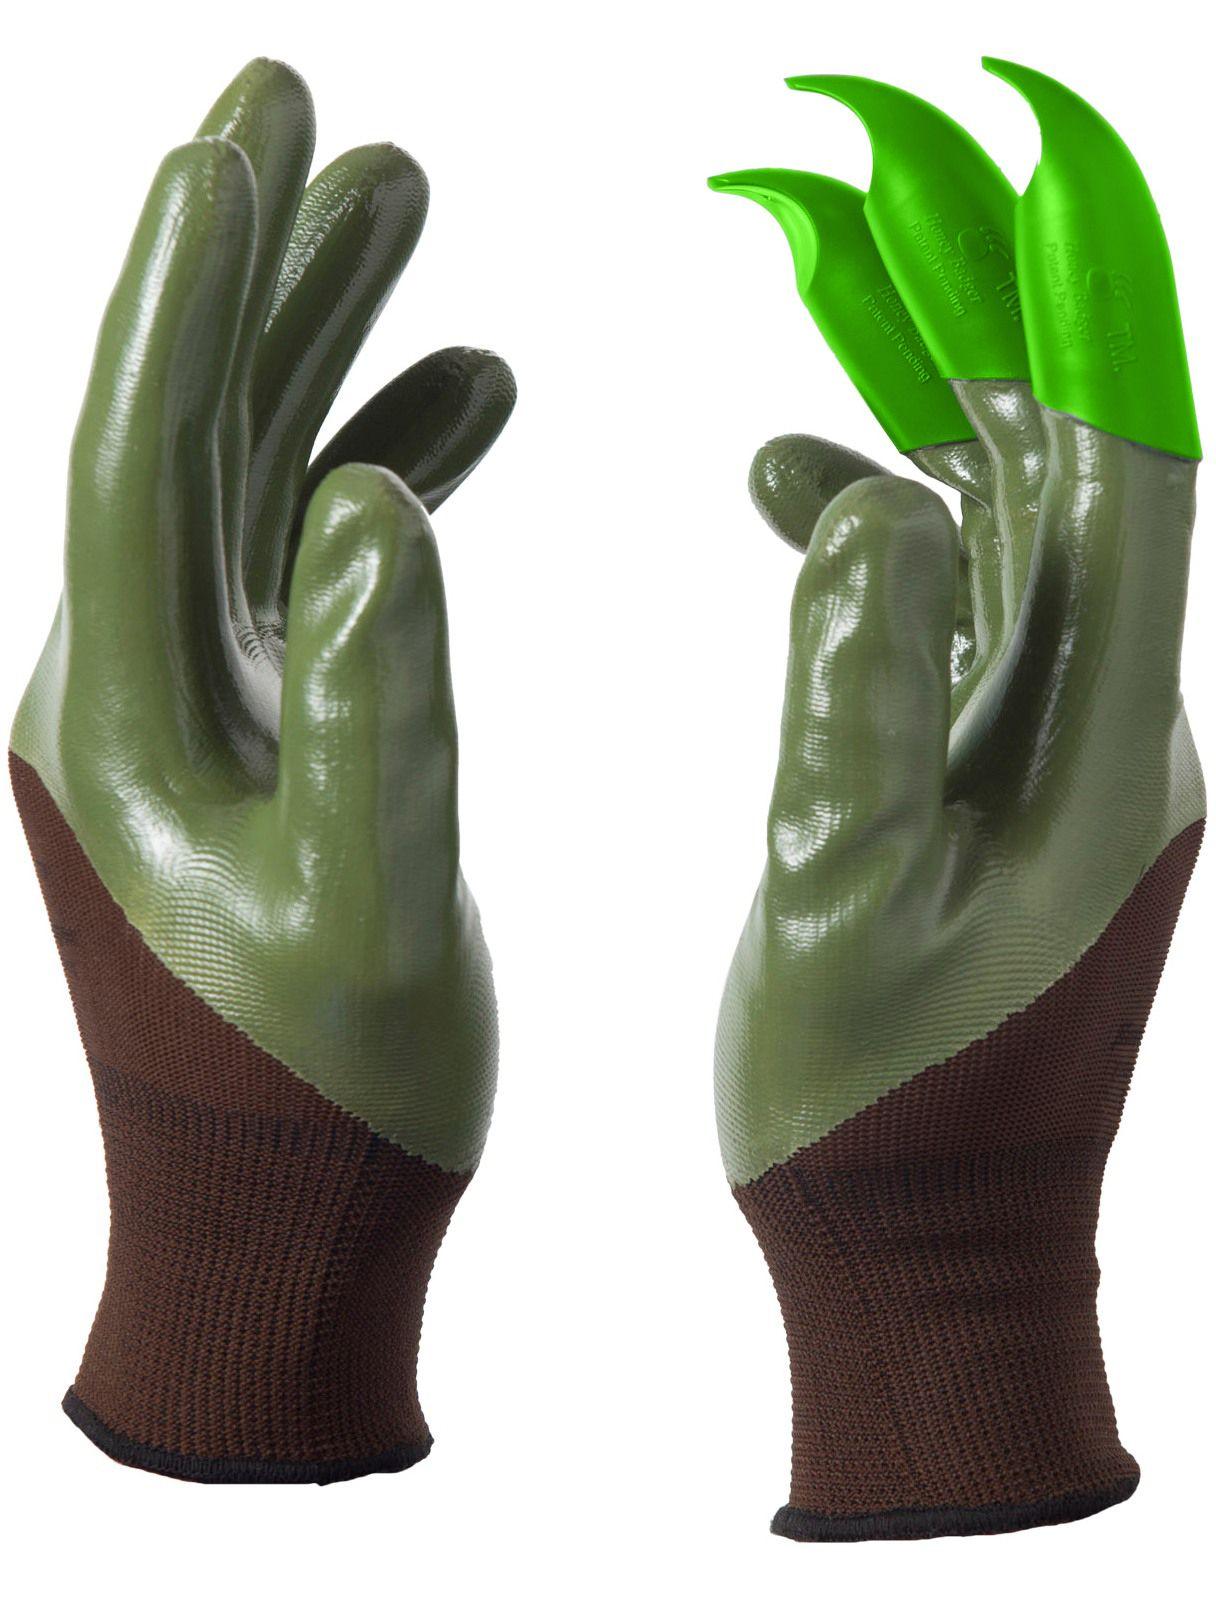 Home Gardening Gloves Women Gardening Gloves Digging Gloves